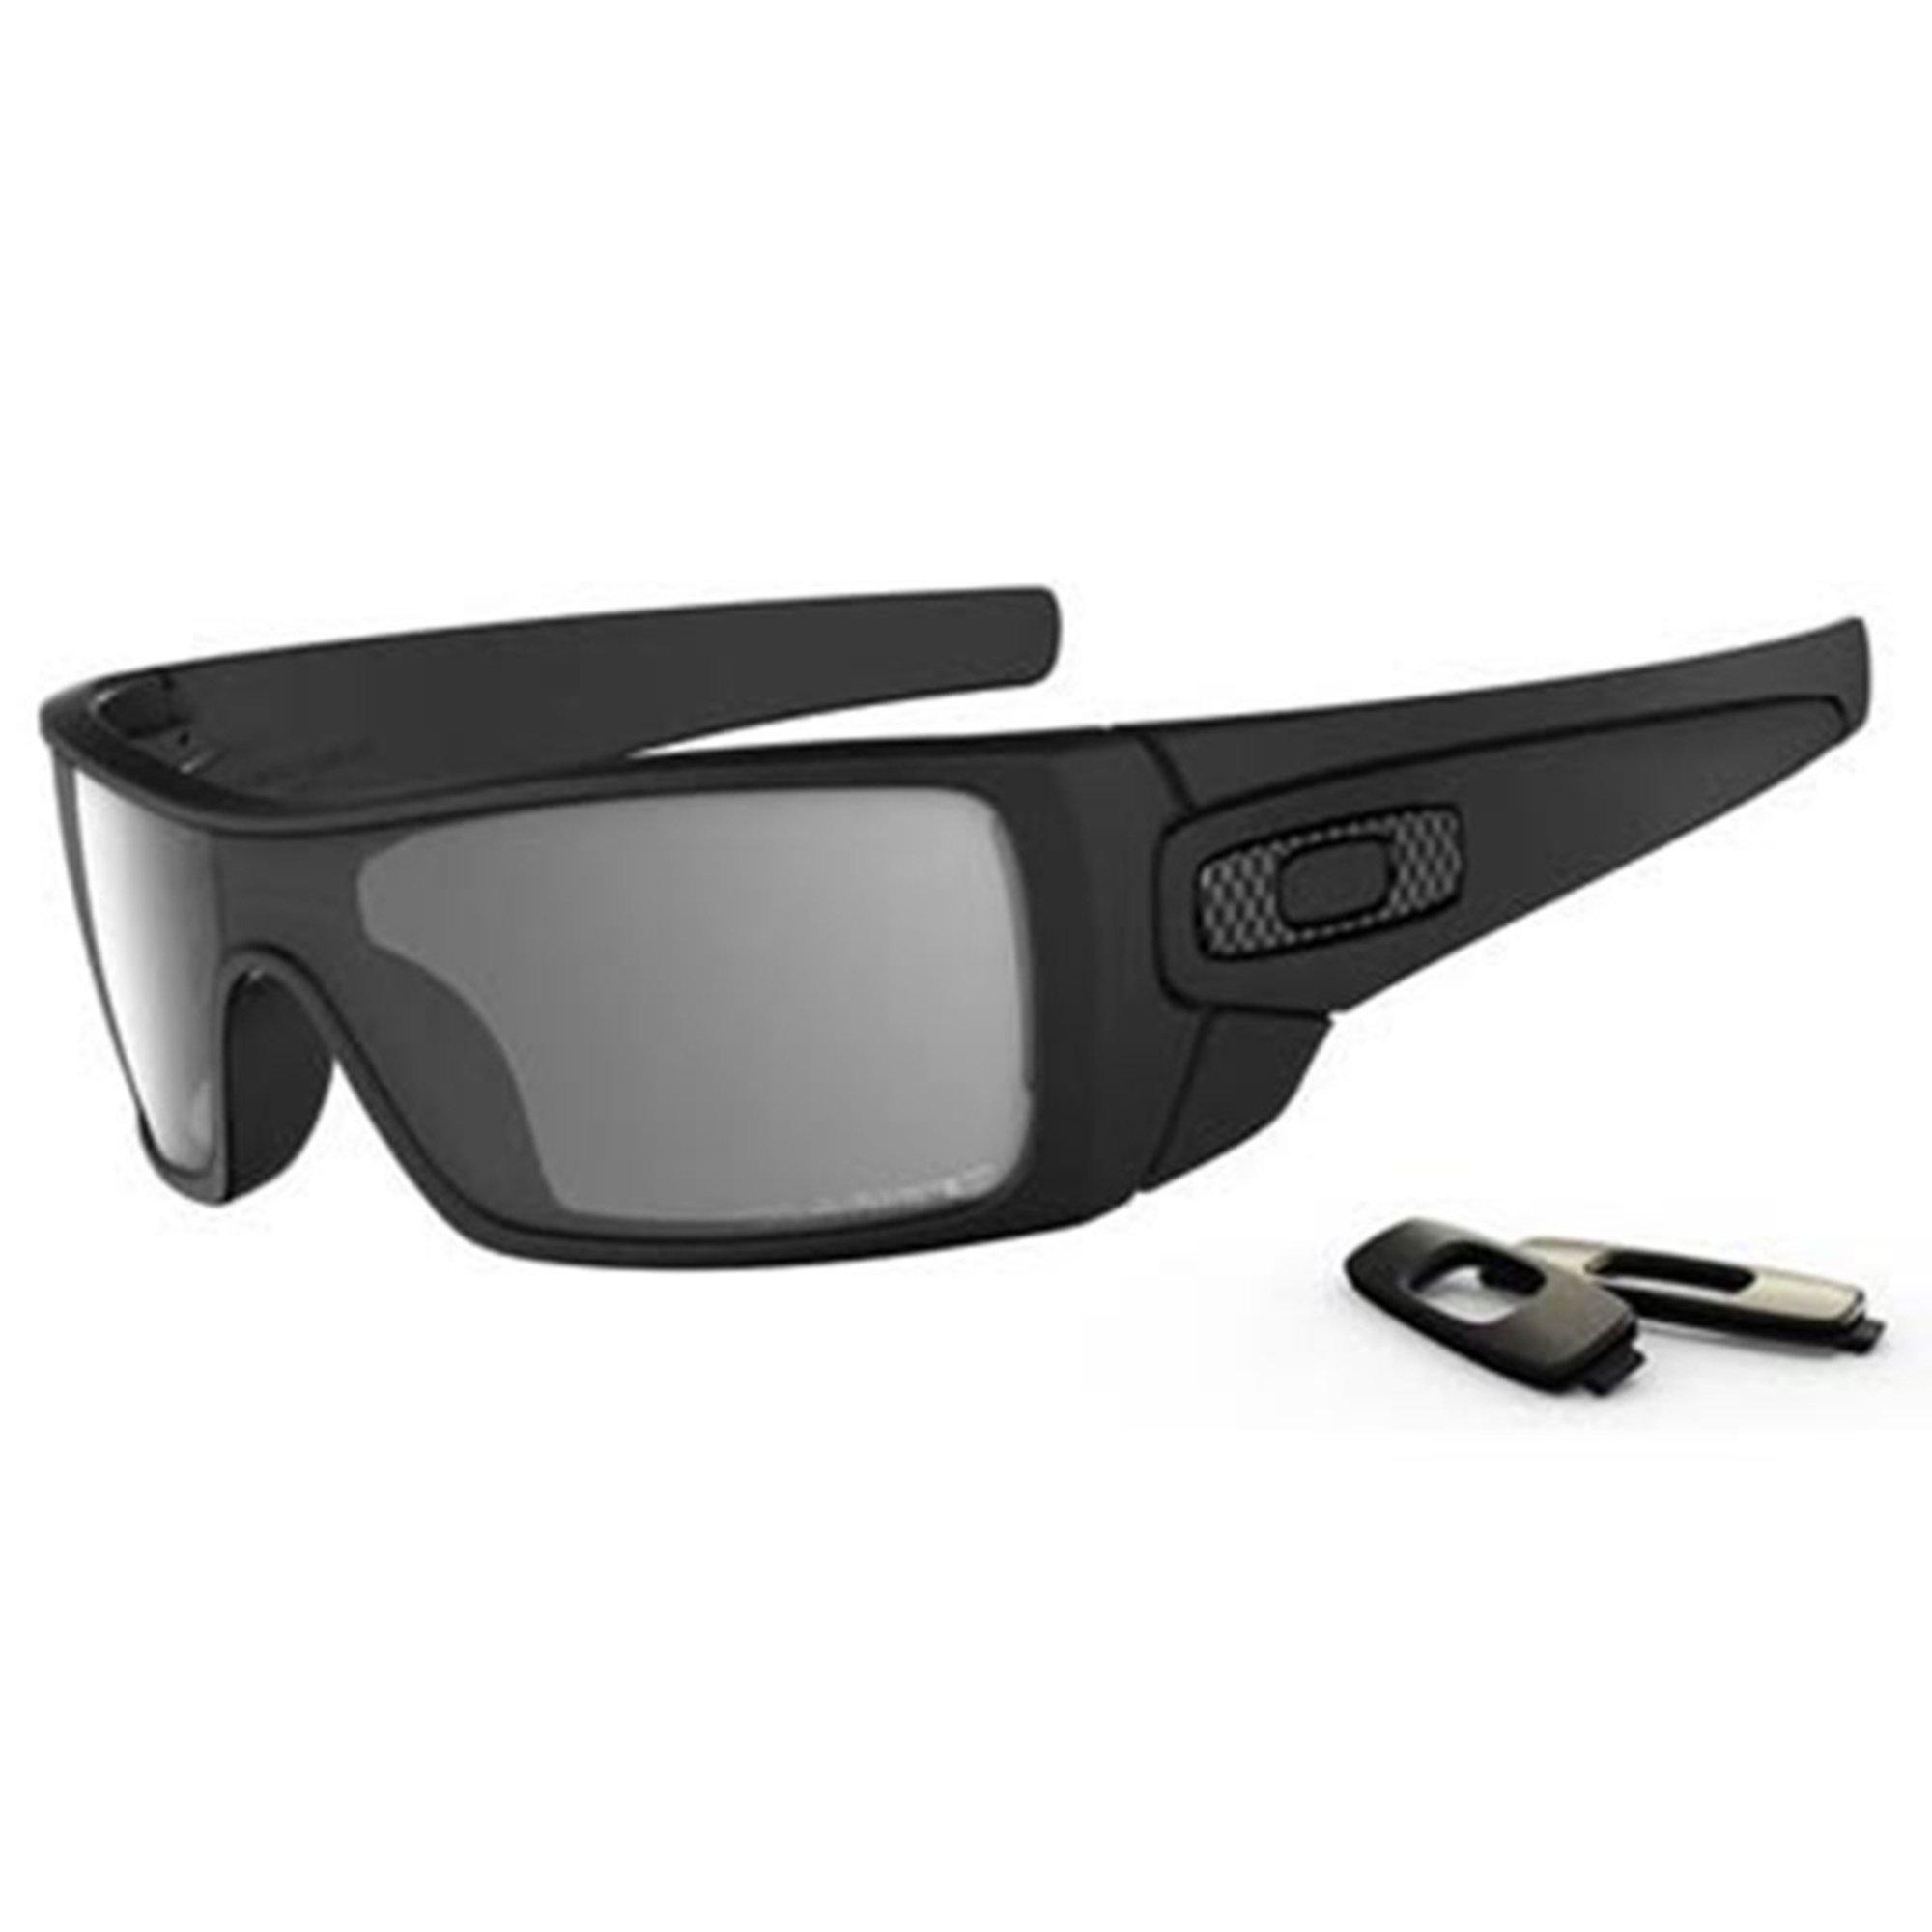 fe8b47640a Oakley. Oakley Men s Polarized Batwolf Sunglasses